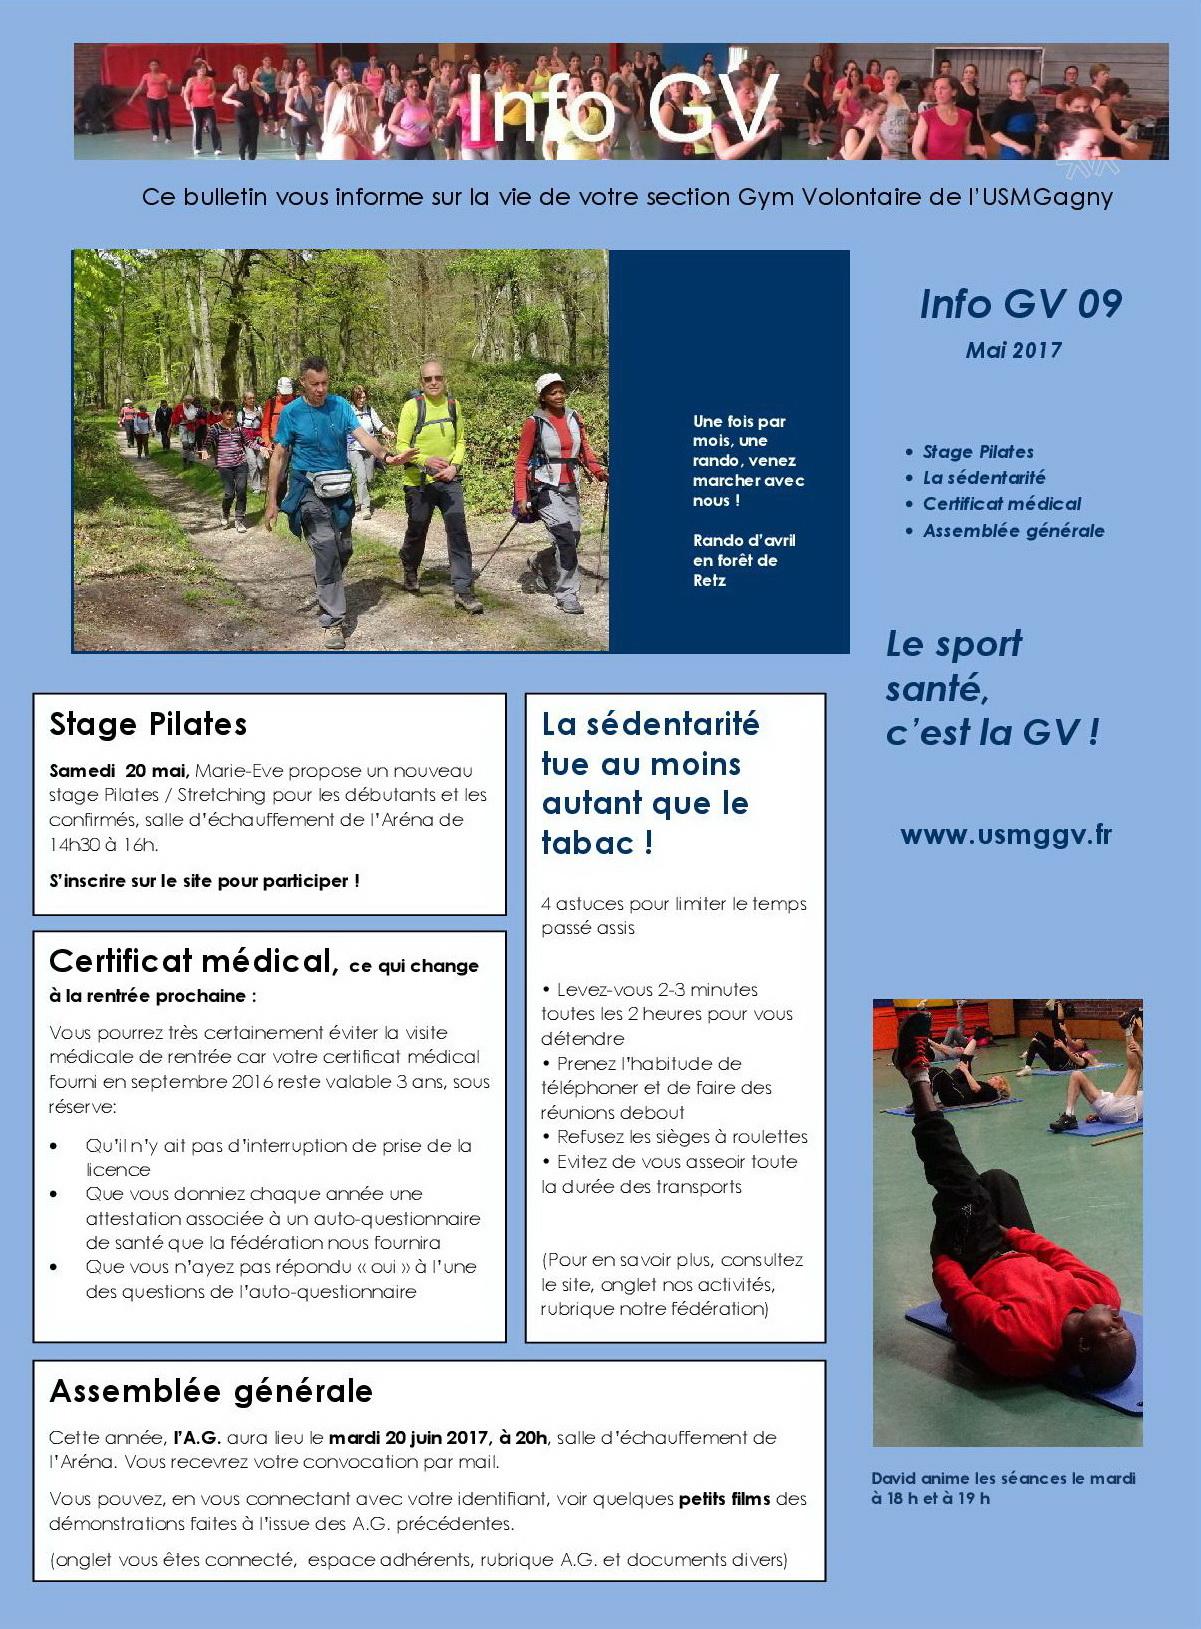 Info gv 09